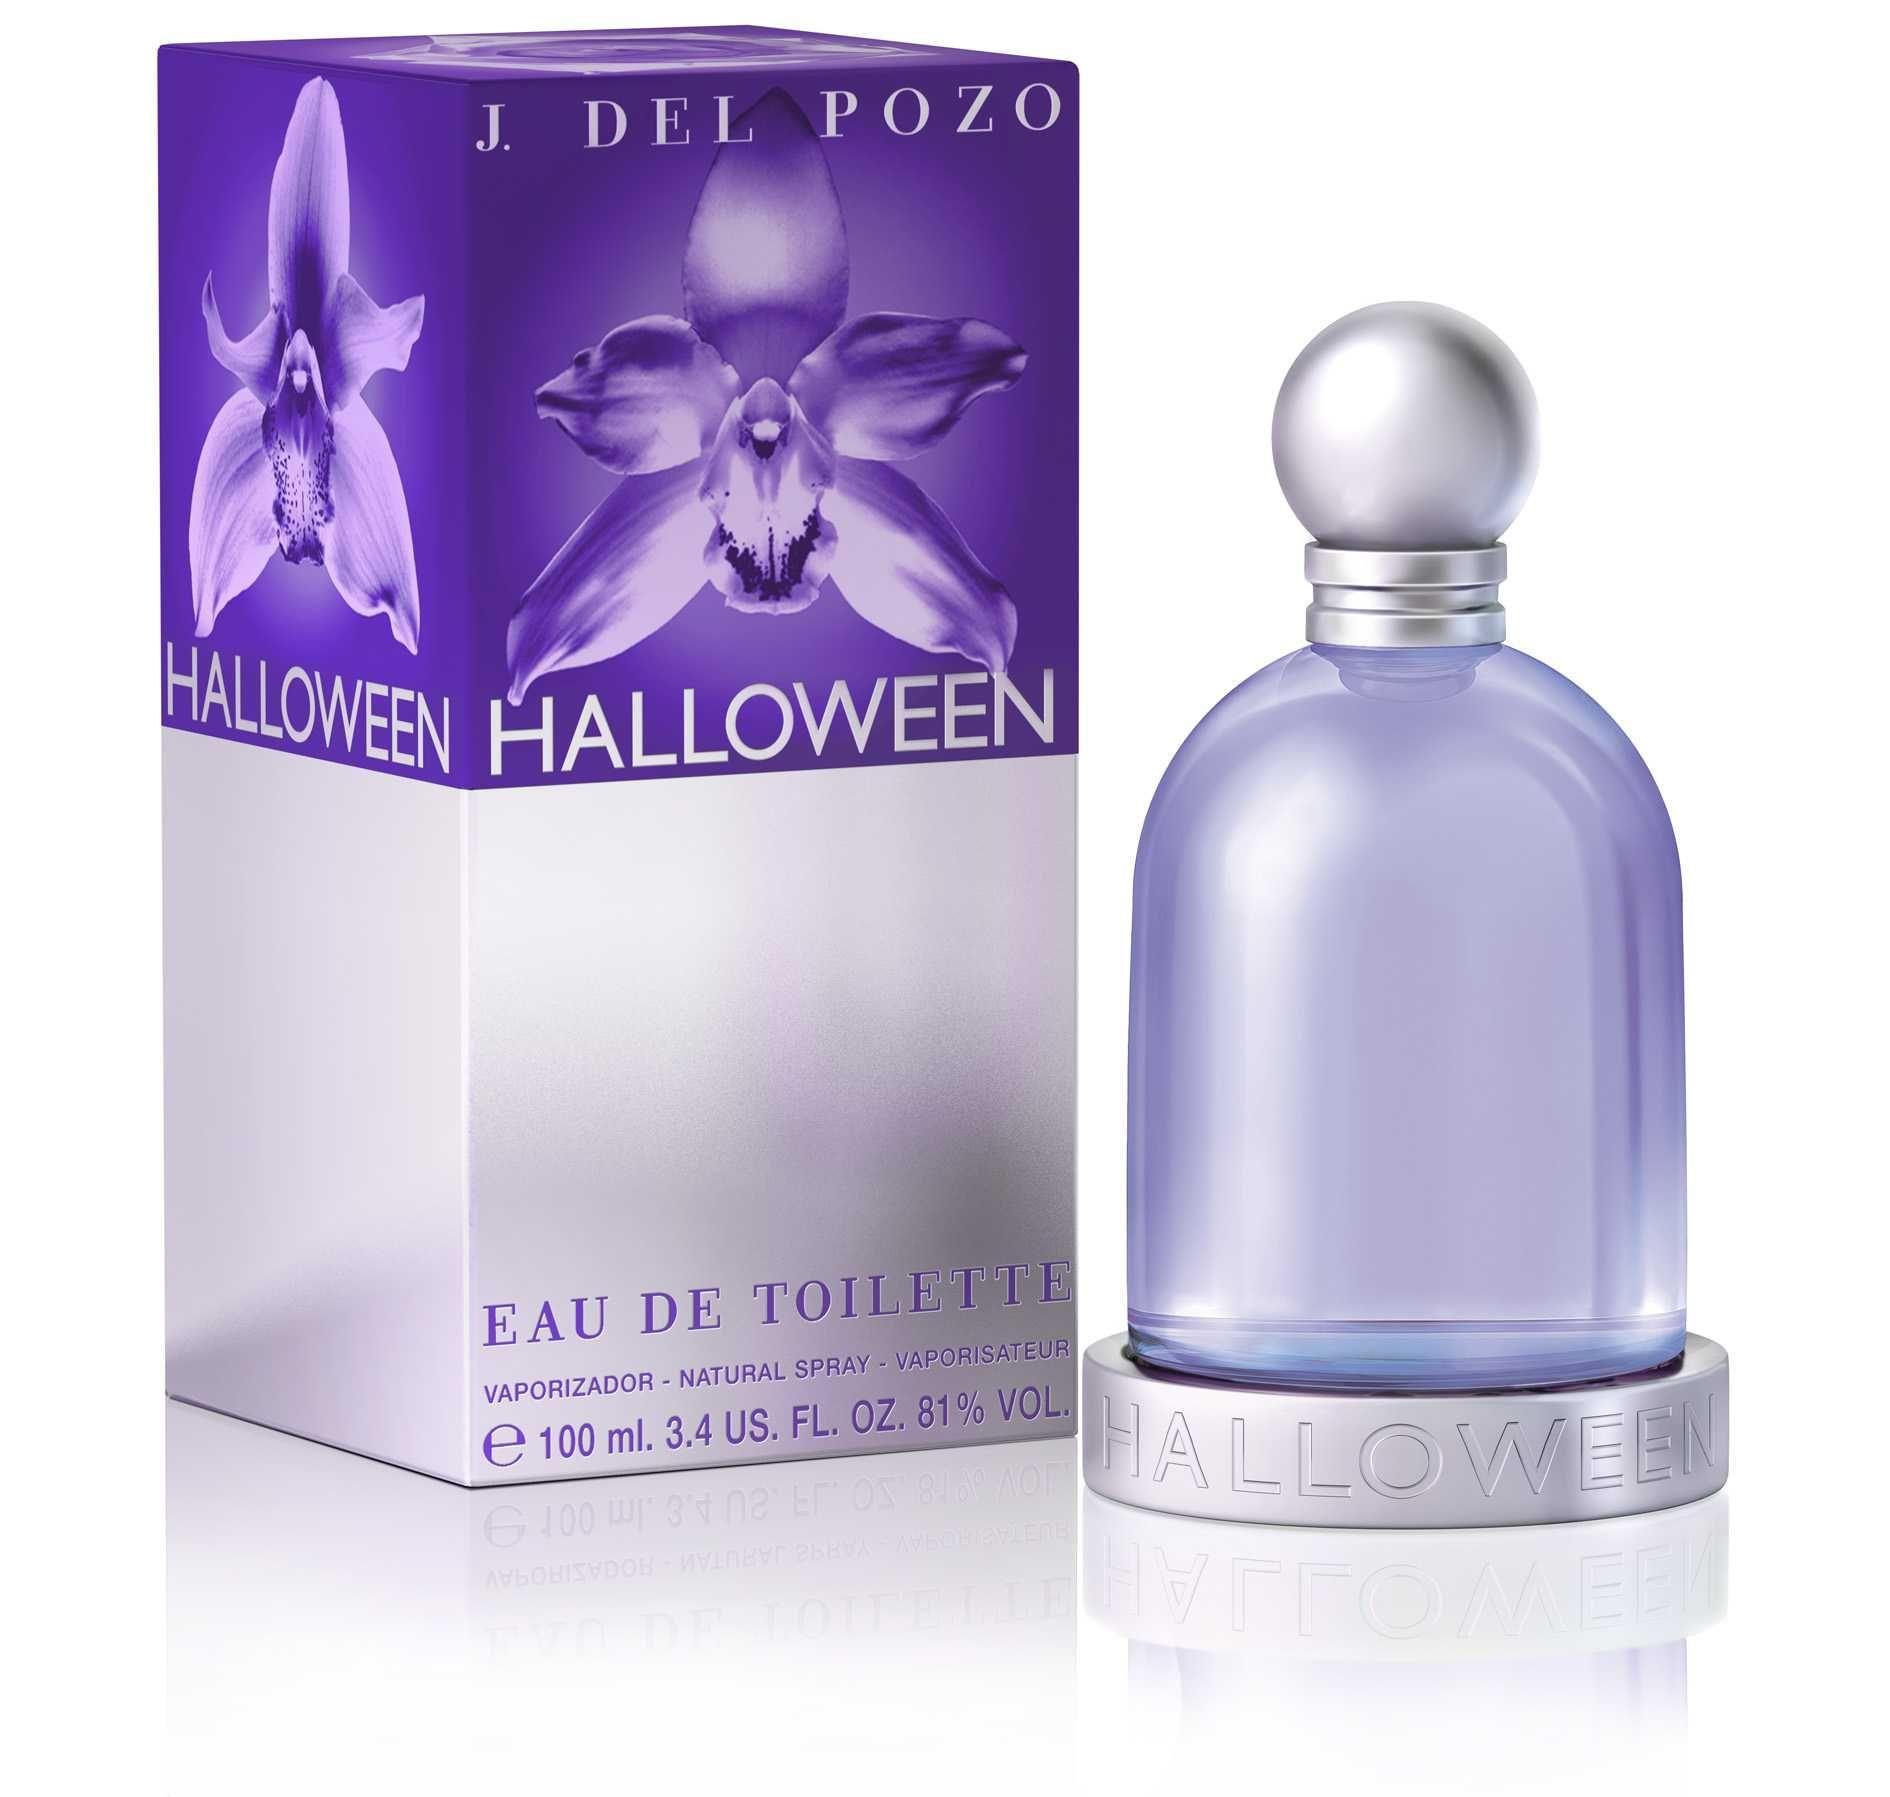 """Halloween de J. del pozo. """"Una inolvidable fragancia que"""